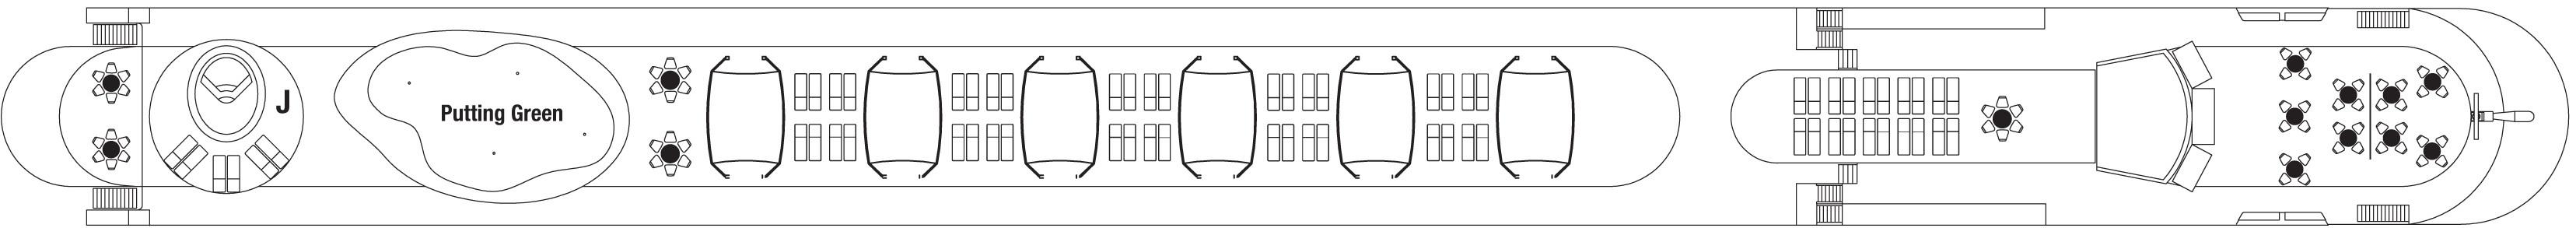 Tauck Inspiration Class Deckplans 4 Sun Deck.jpg